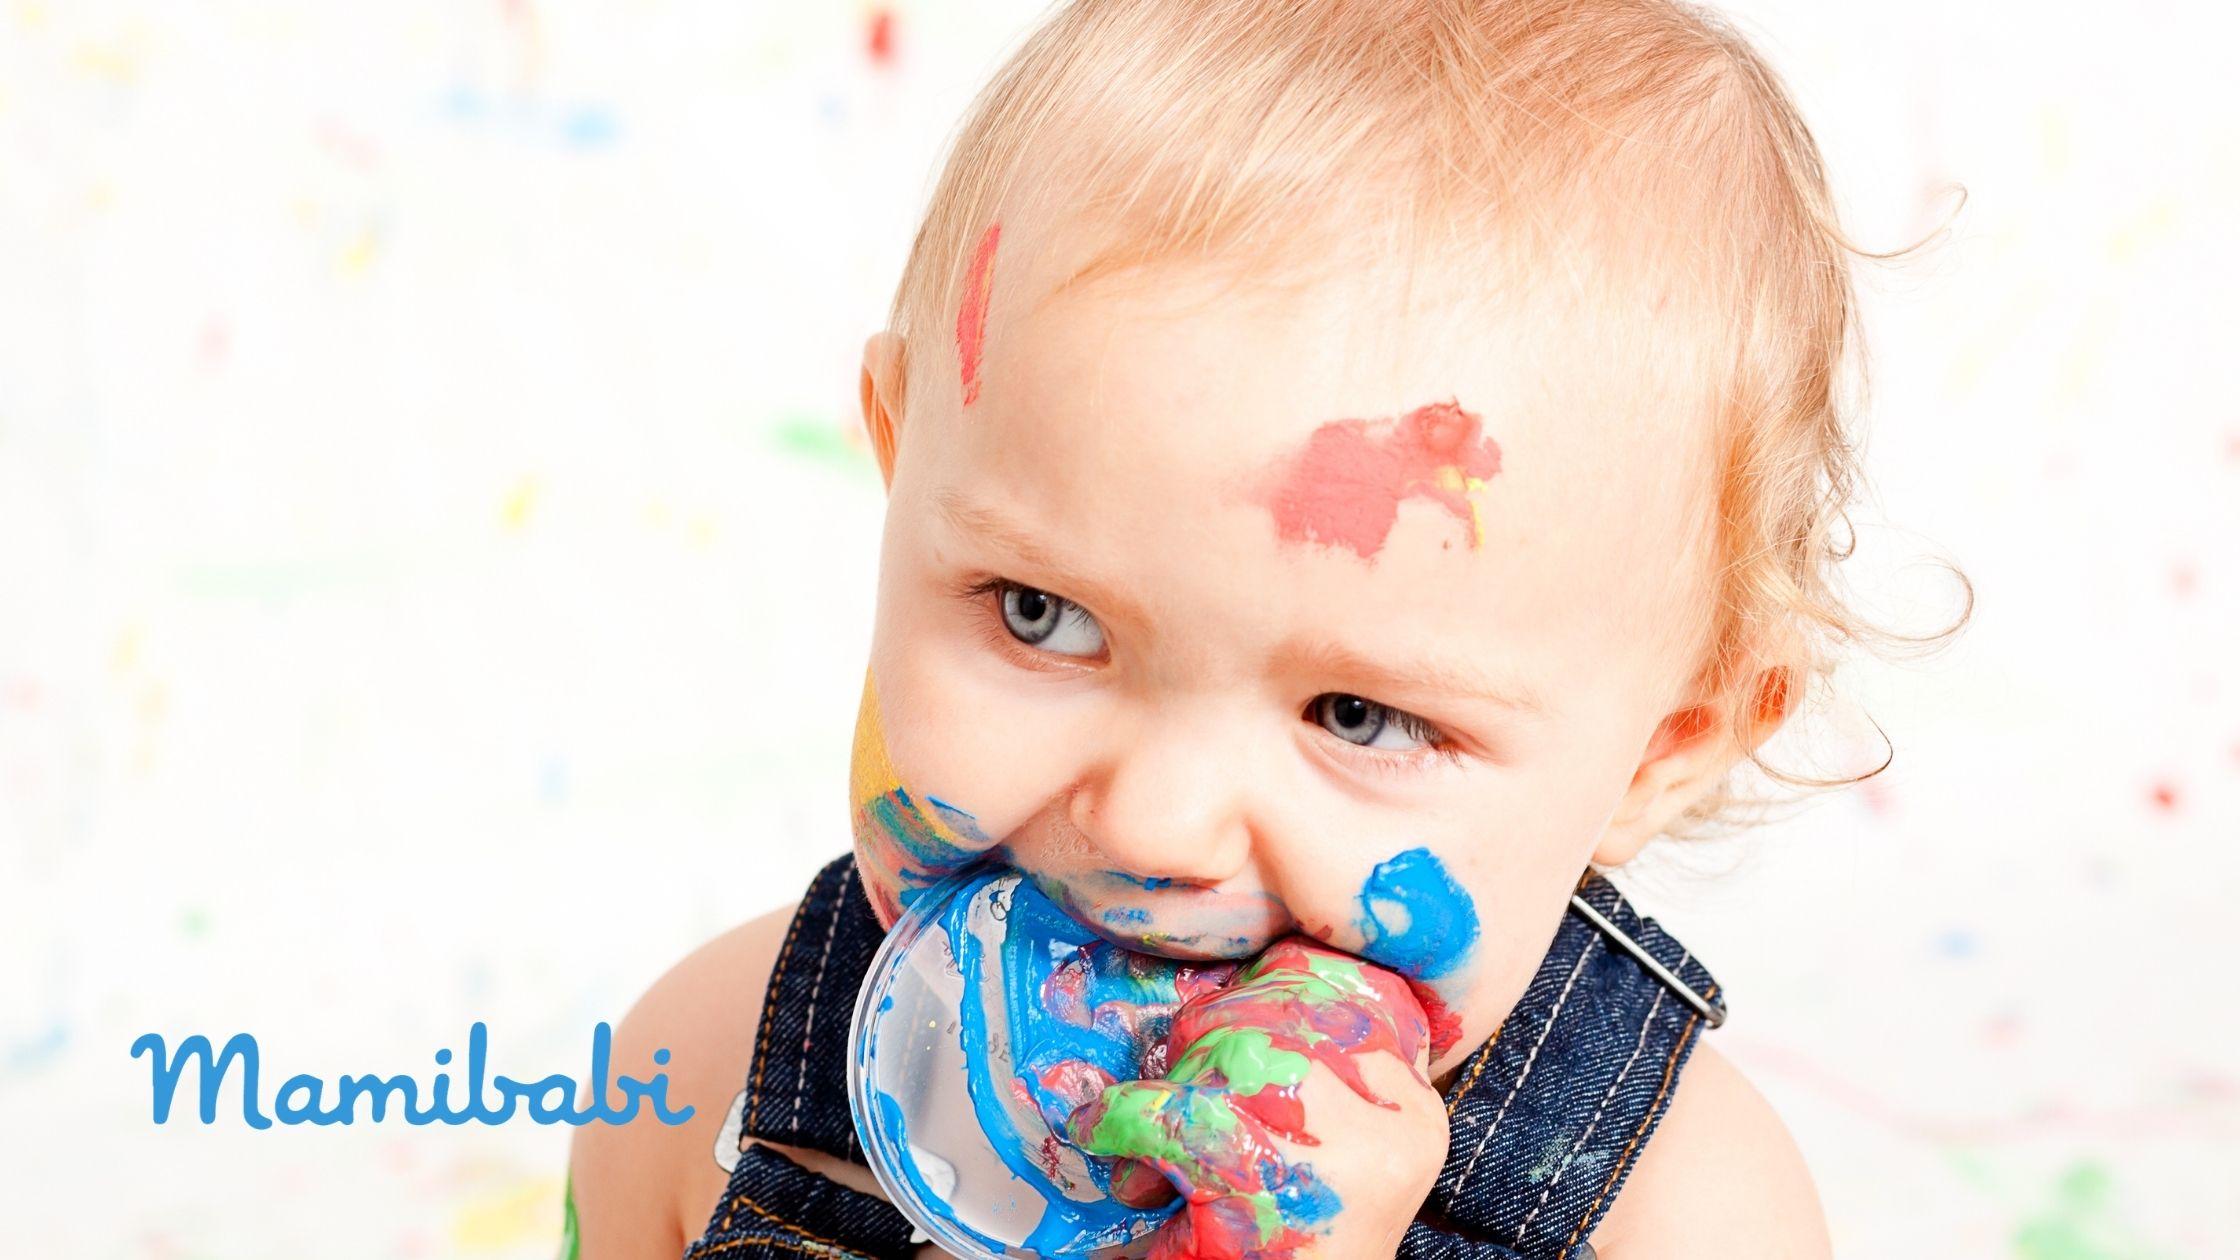 Lợi ích của thai giáo: trẻ Dễ thích ứng và nhiều khả năng sáng tạo